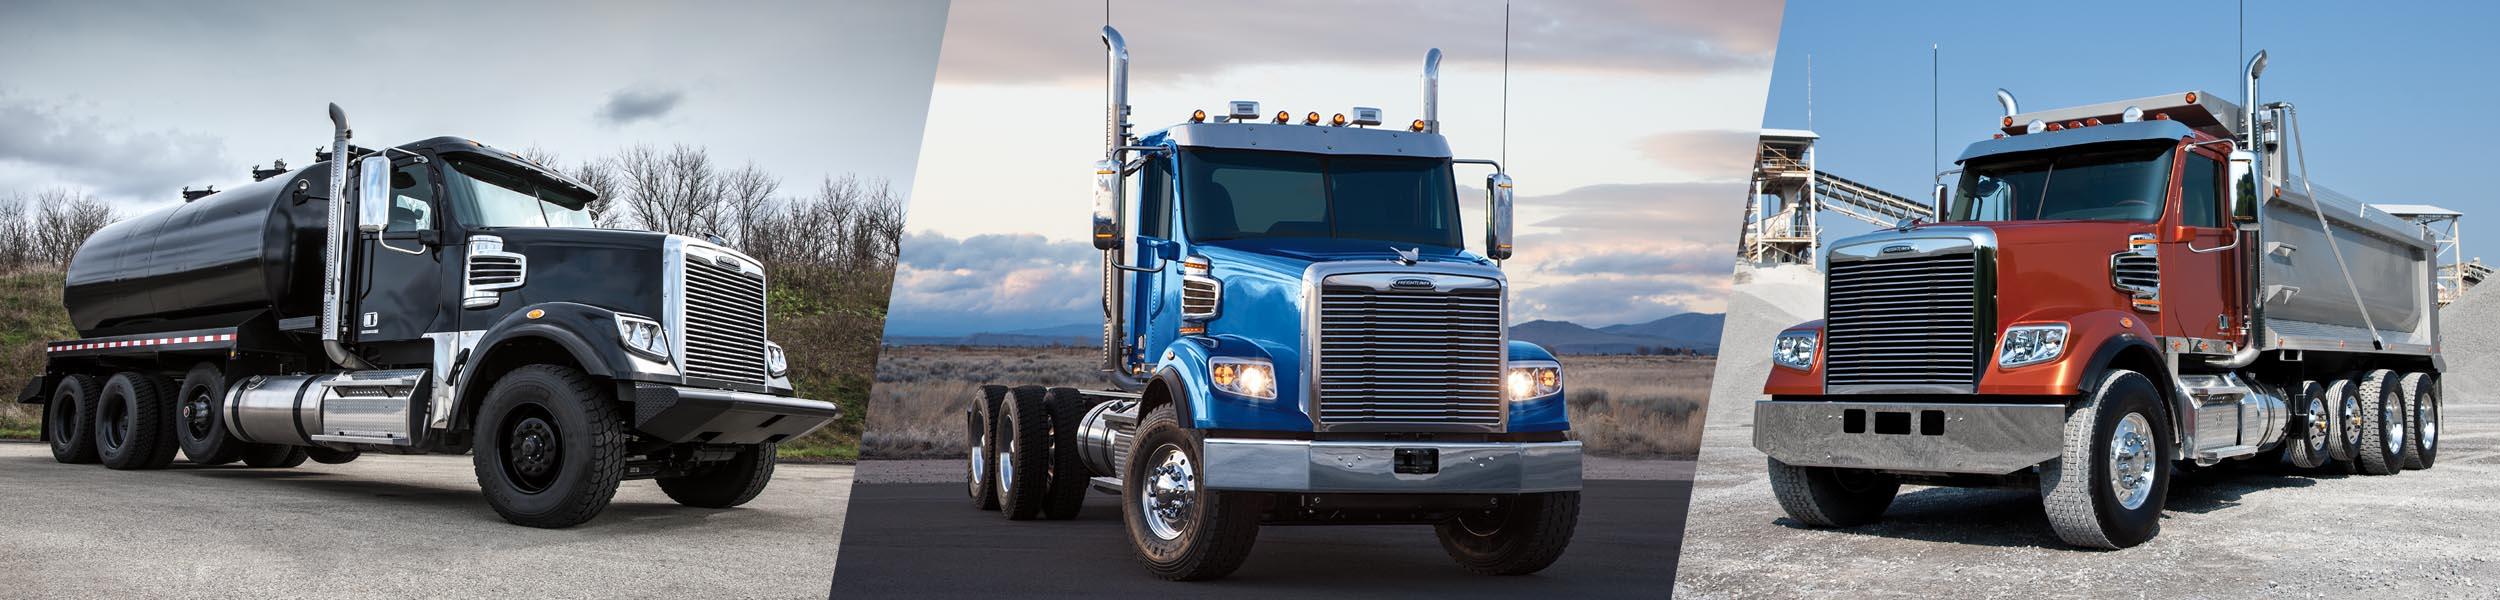 122SD trucks